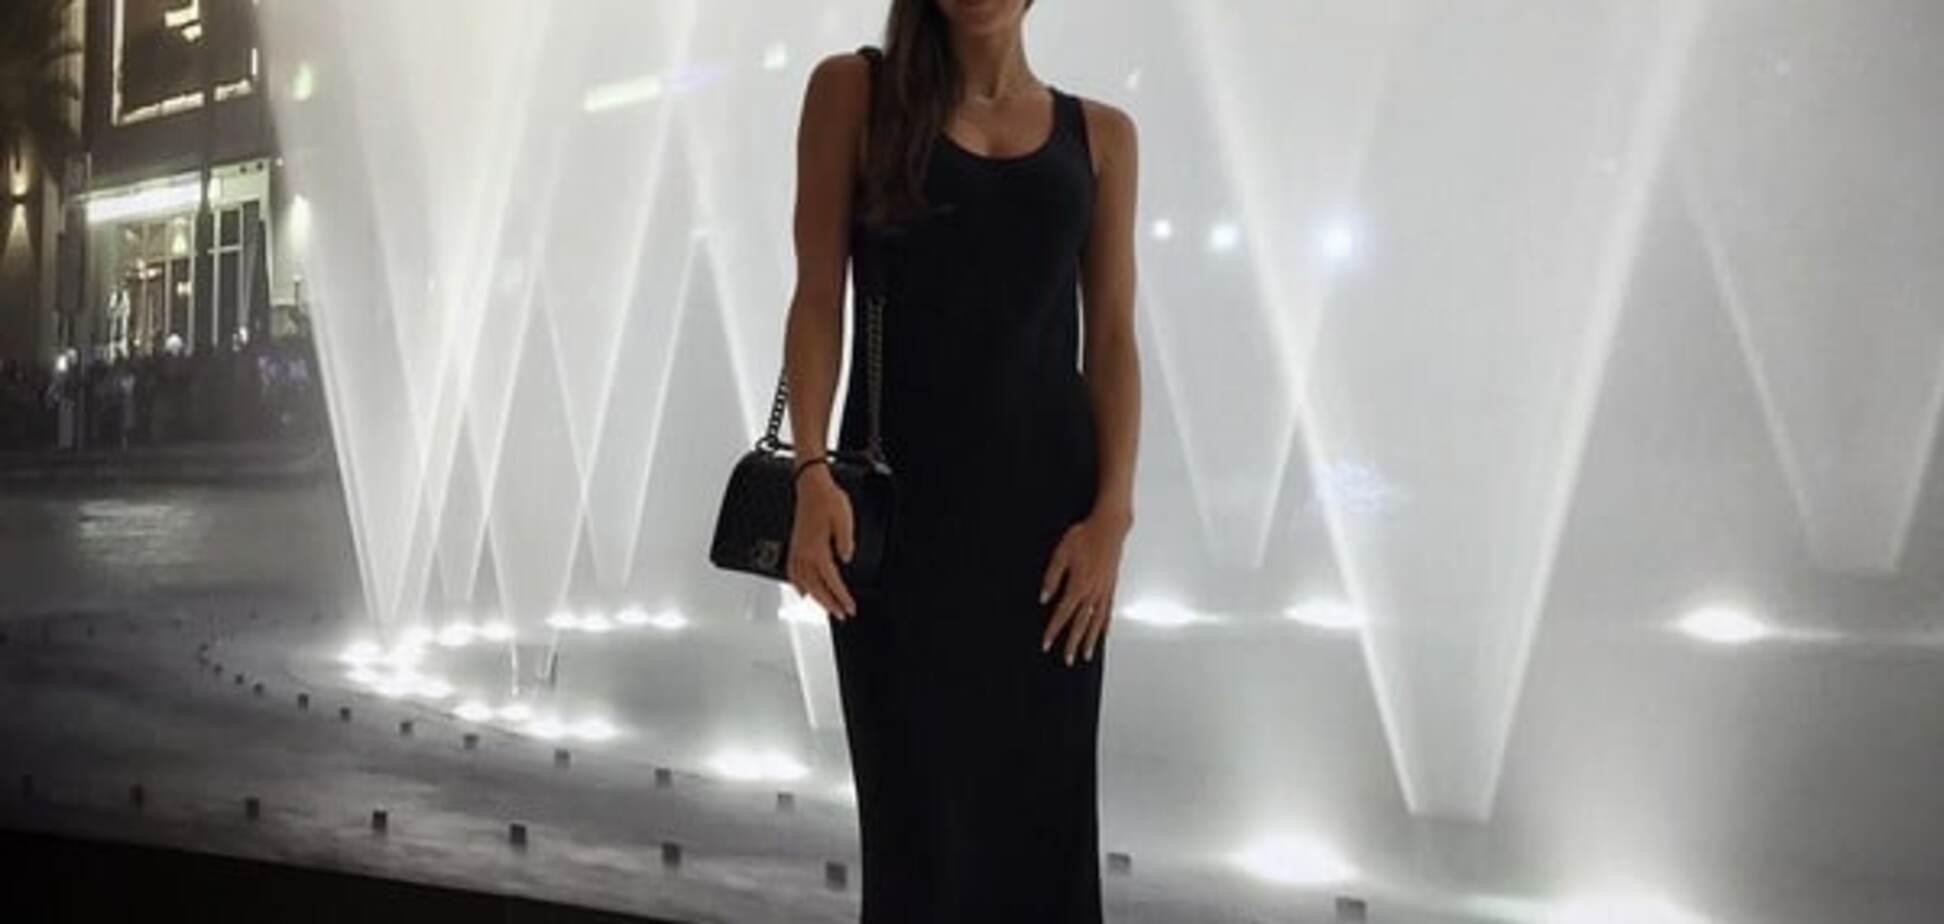 Ризатдинова похвасталась новым платьем с роскошным декольте: фото гимнастки